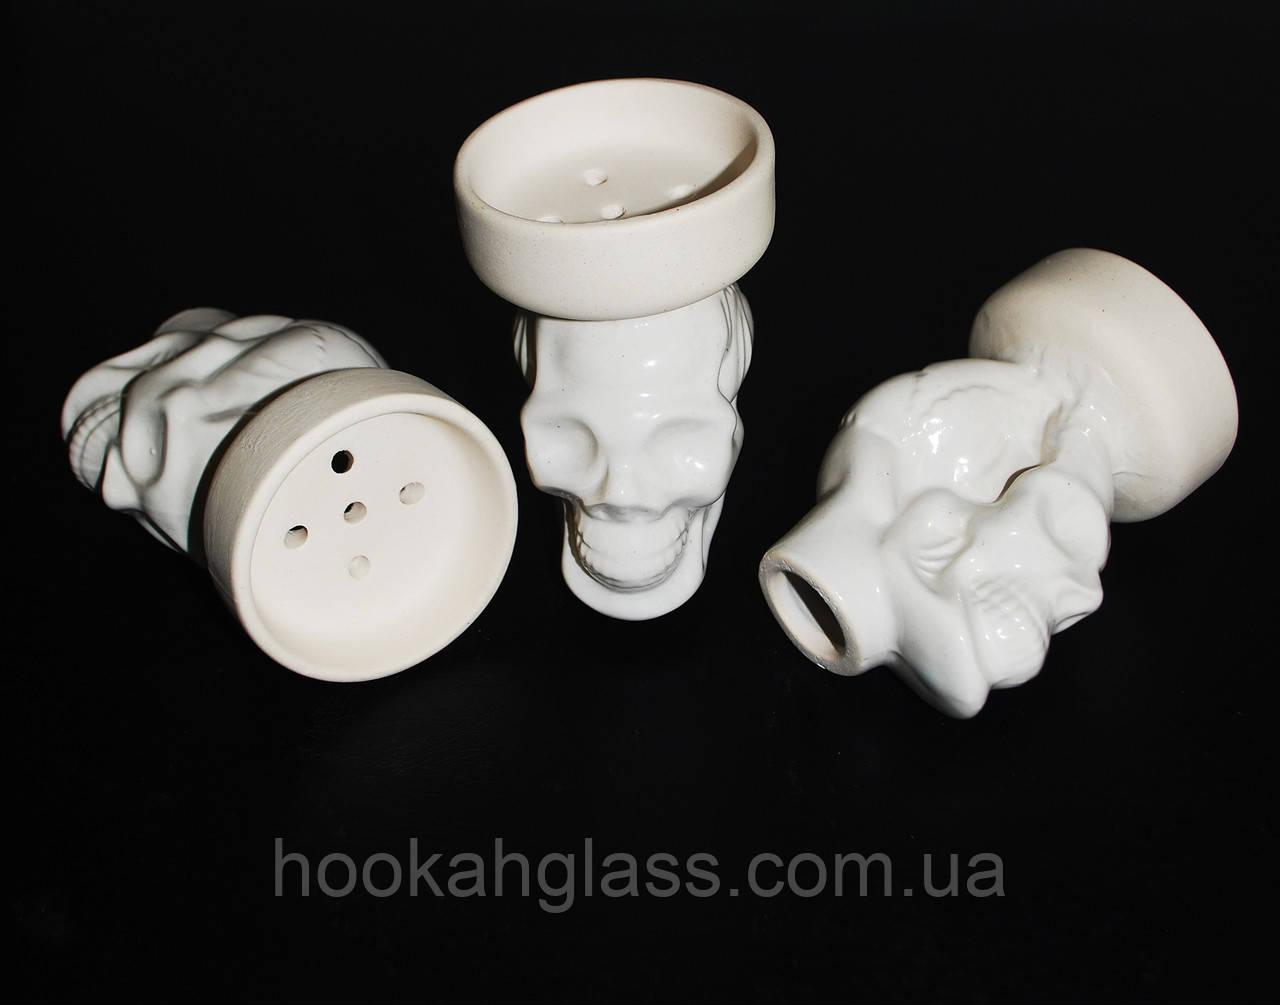 Чаша для кальяна Skull